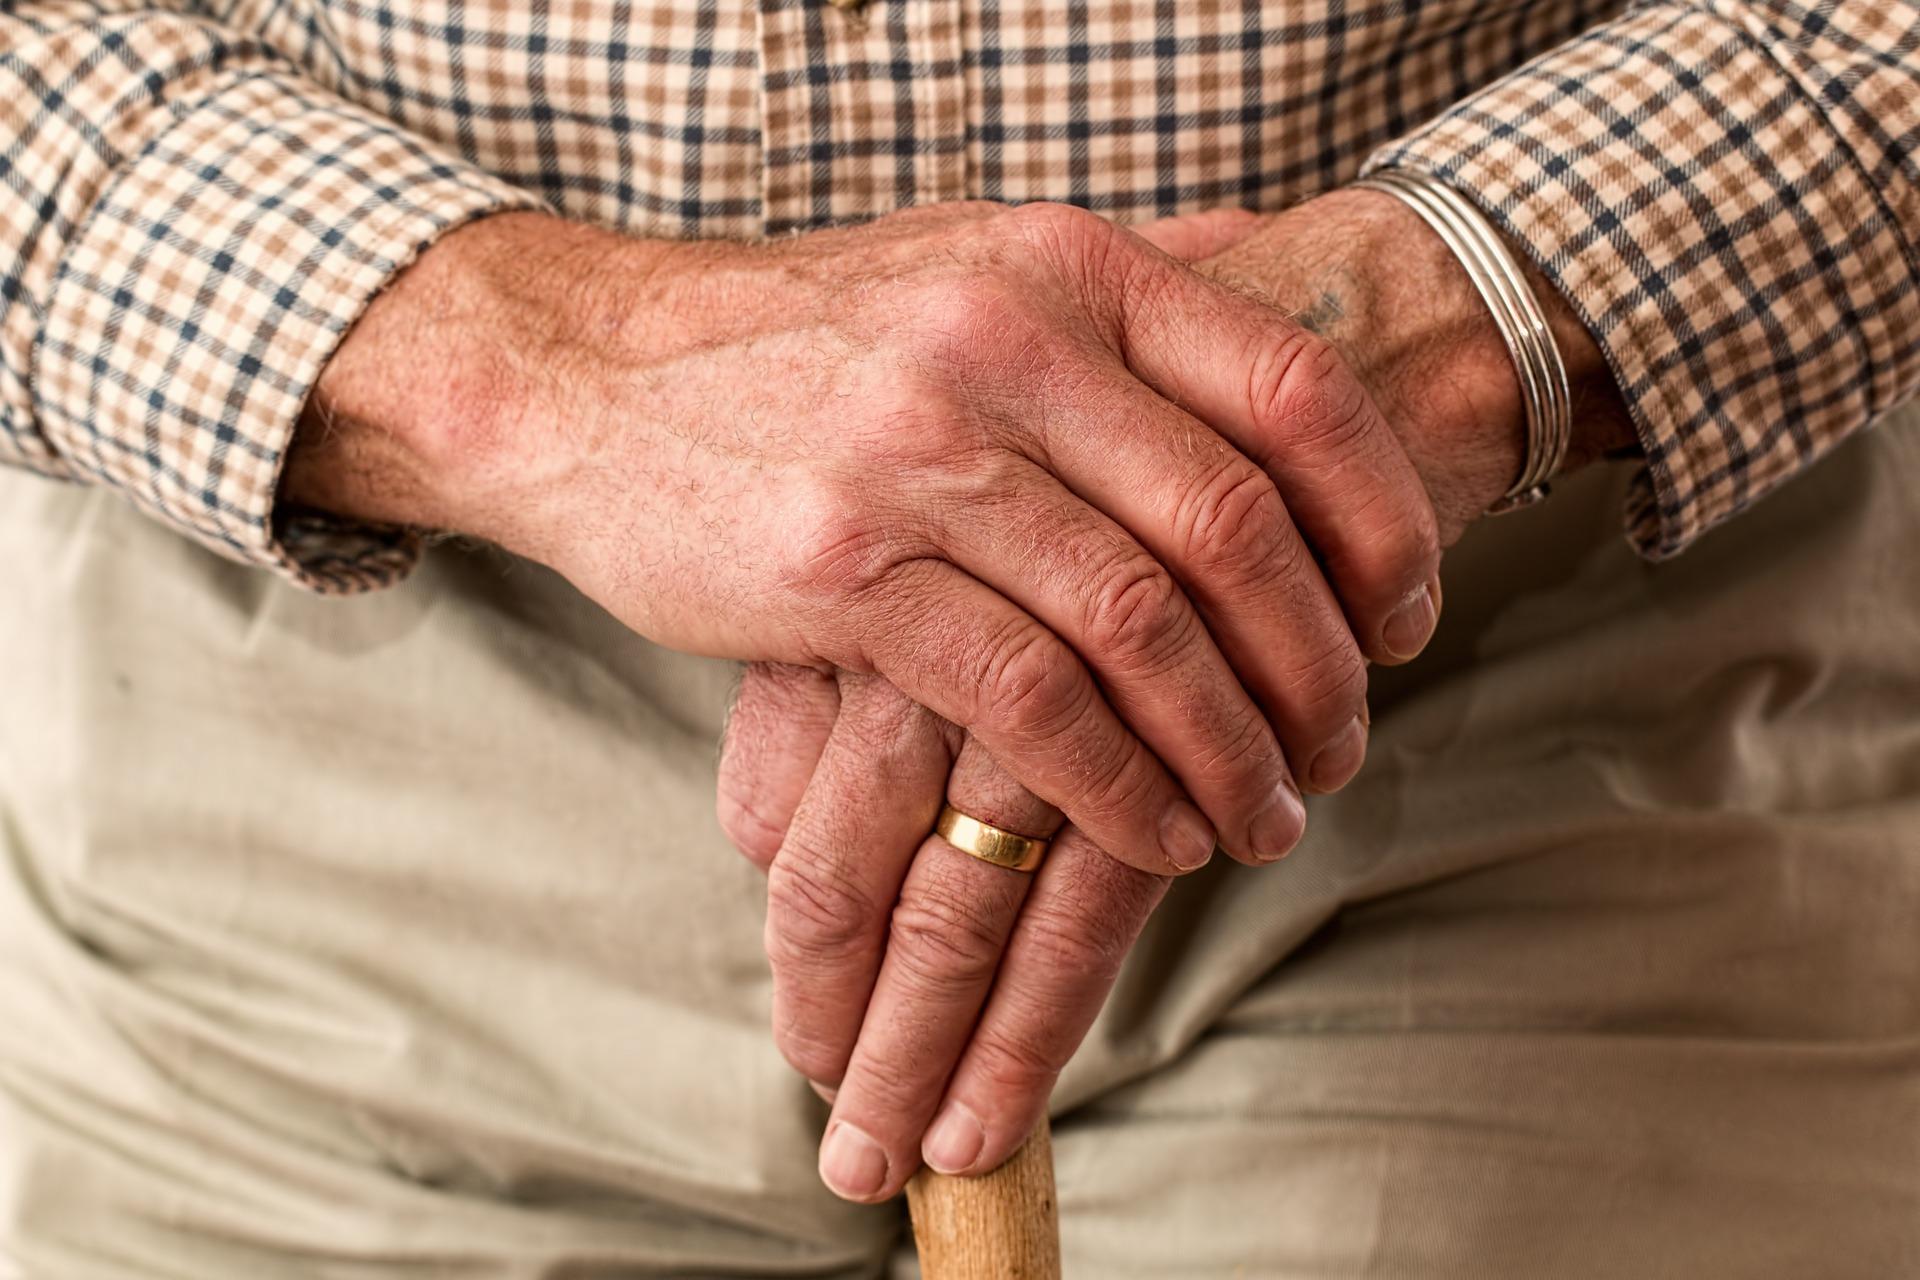 pension alder gammel hænder